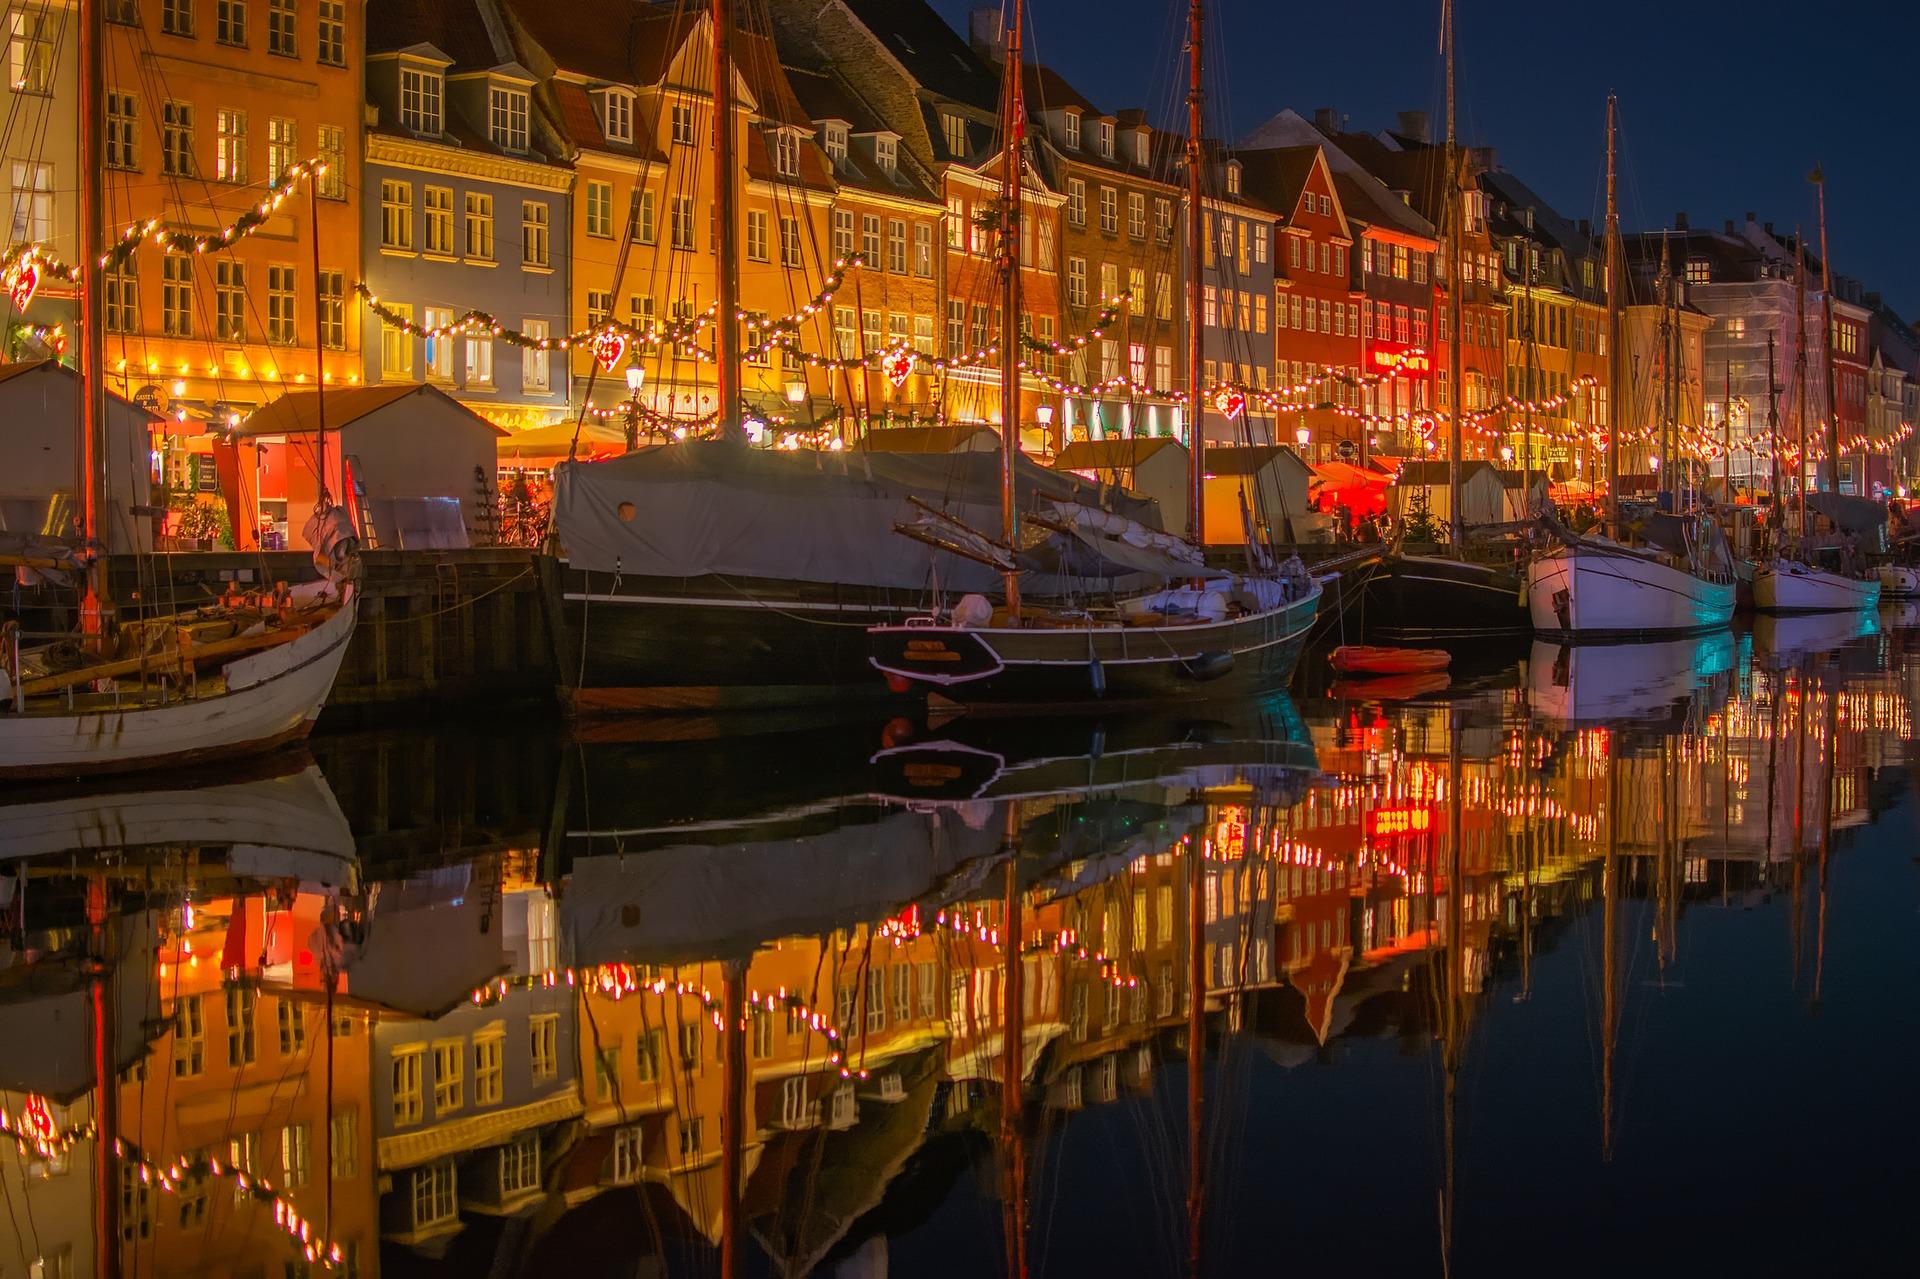 A Waterside City in Denmark